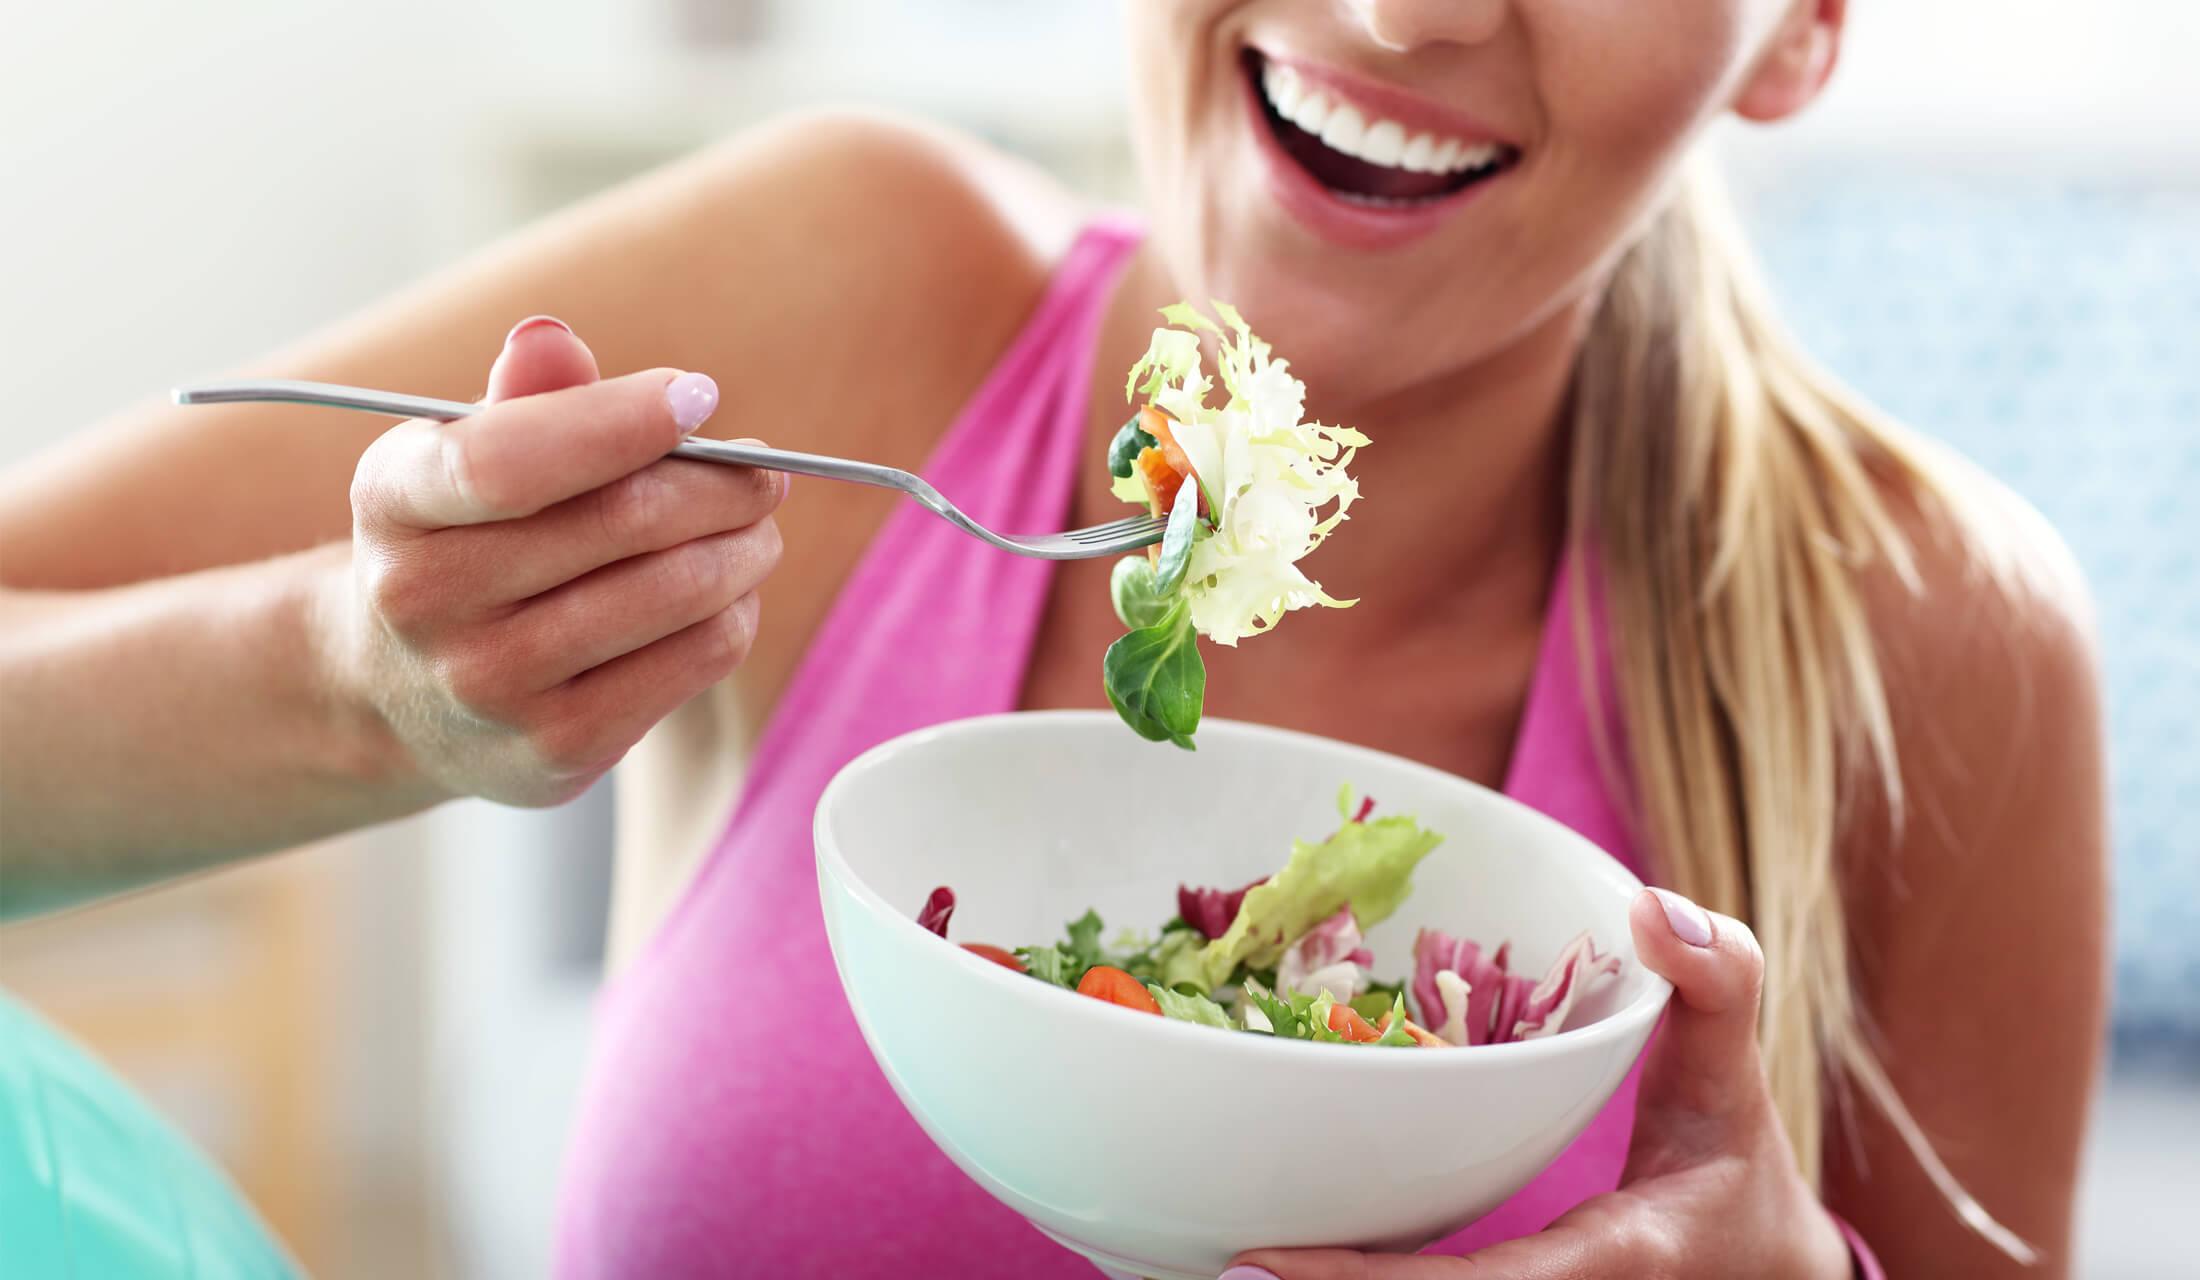 ダイエットをしているピンク色のタンクトップを着た女性がサラダを食べようとしている様子